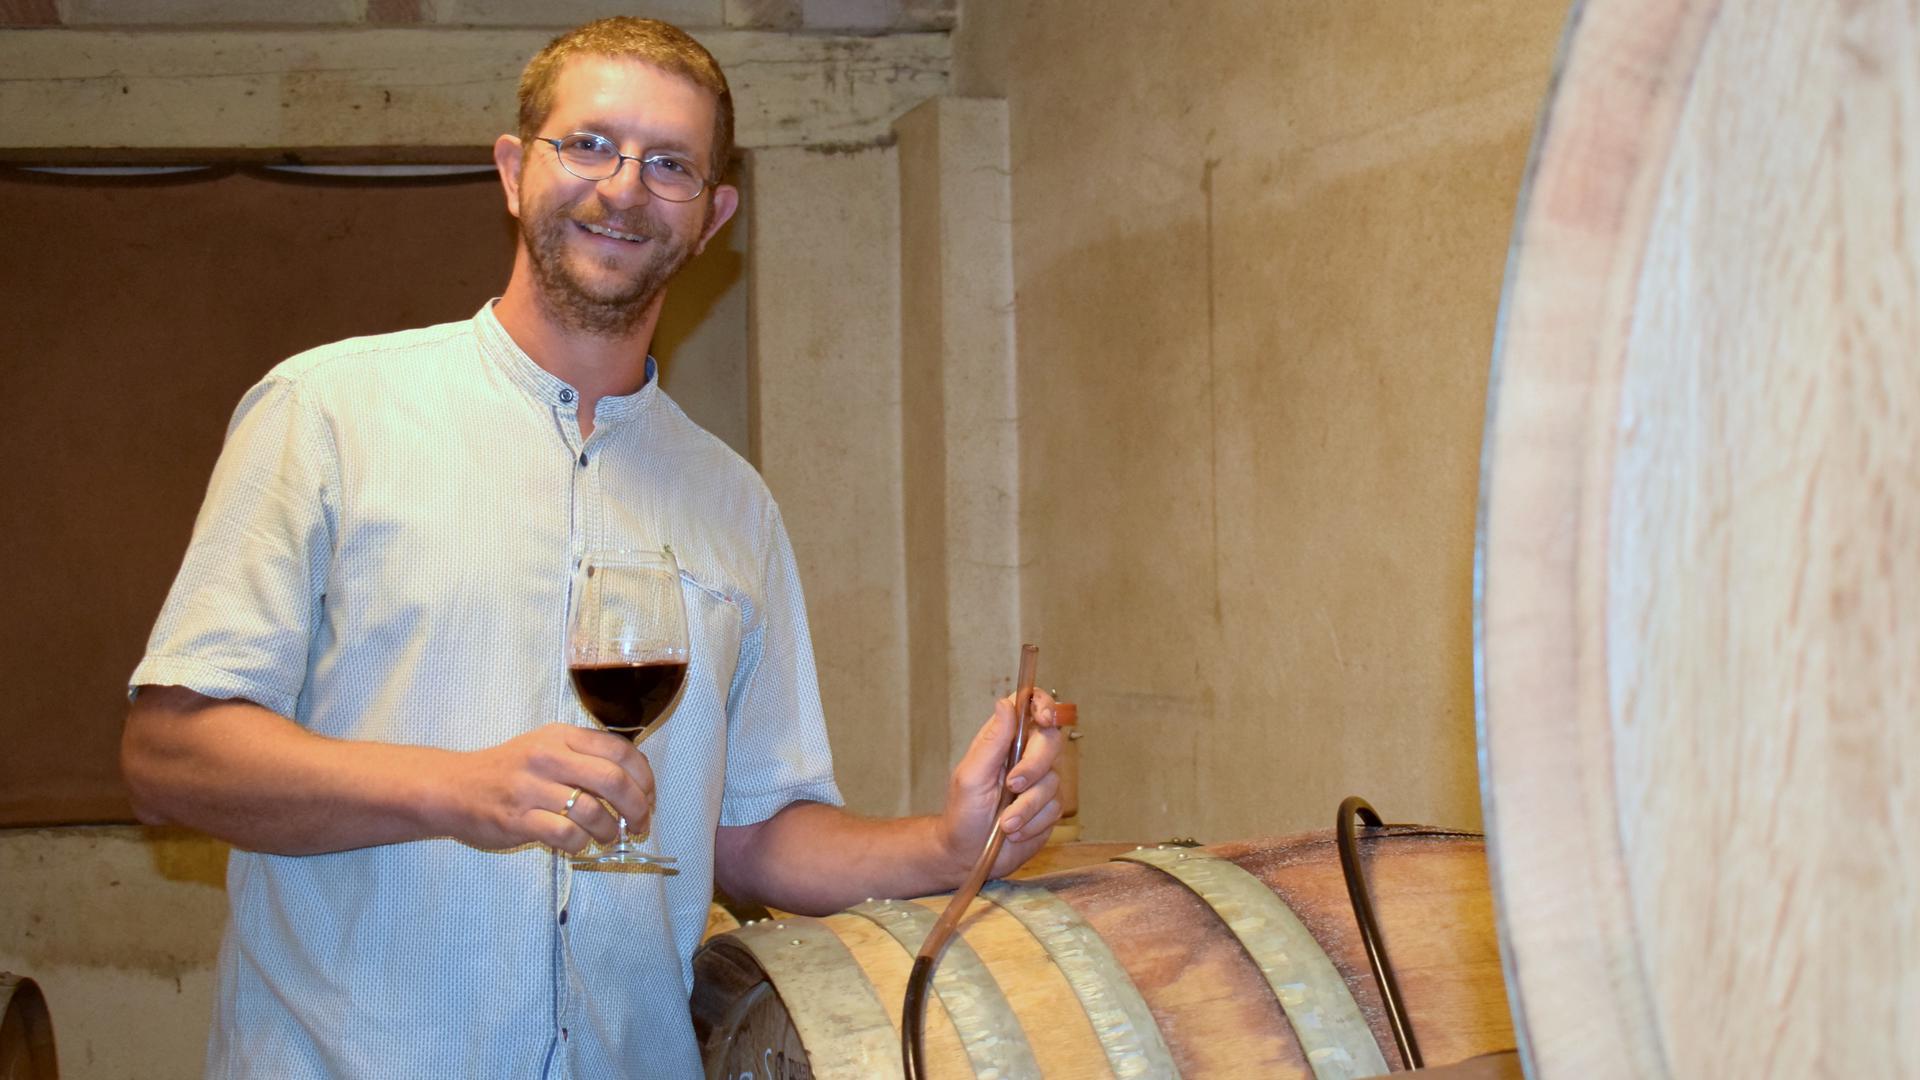 Ein junger Mann steht neben Holzfässern und hält ein Glas Rotwein in der Hand.